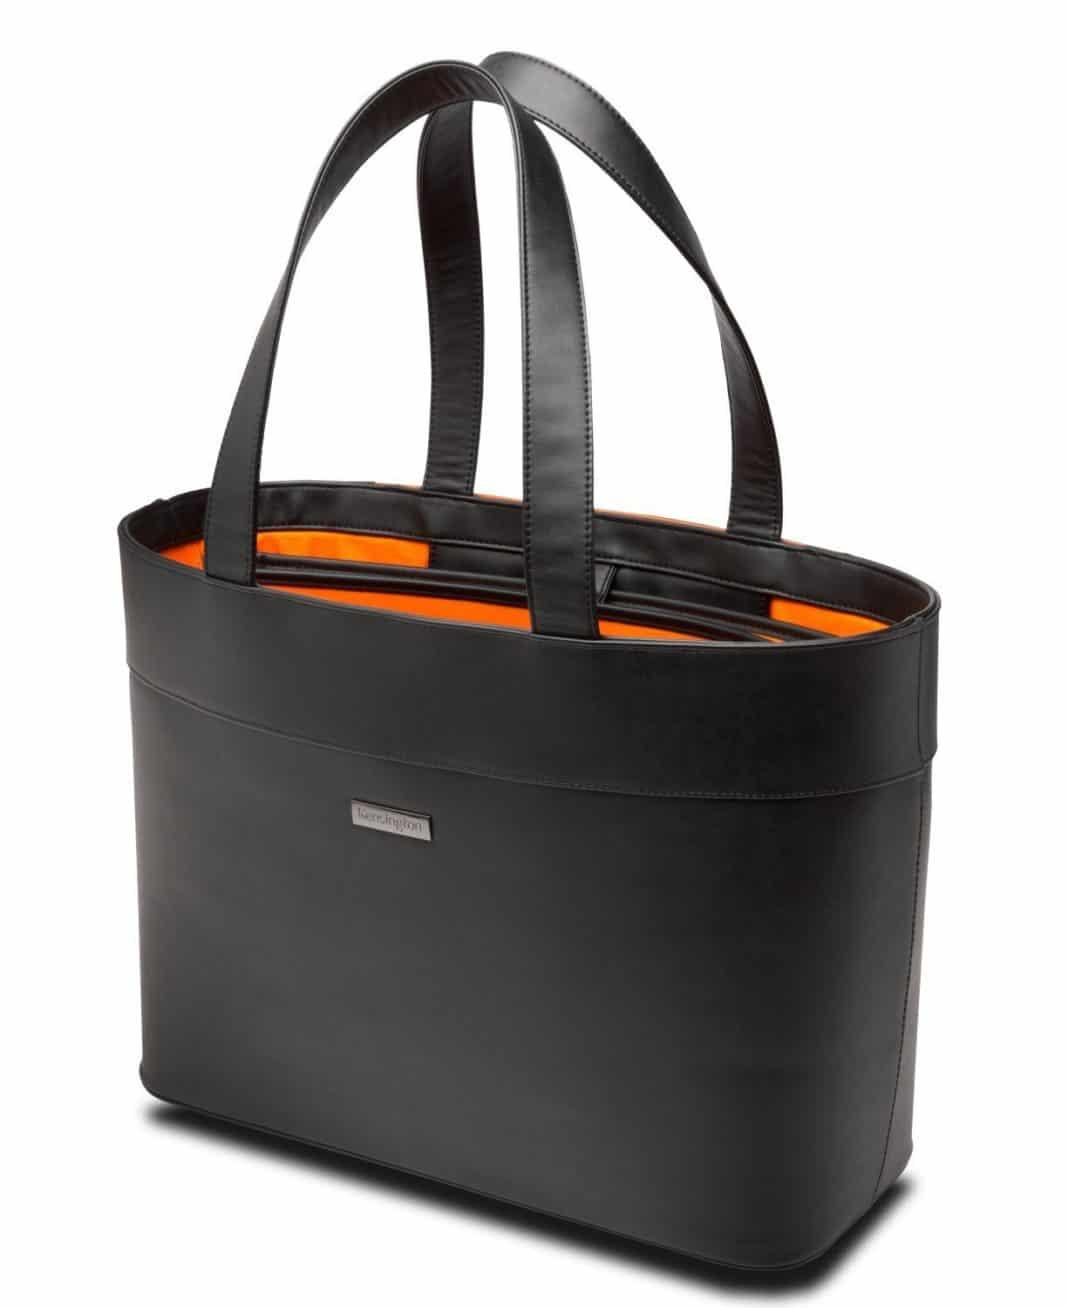 CLELO Women s Leather Tote Bag Review - trekbible f5c9d333c4d5e